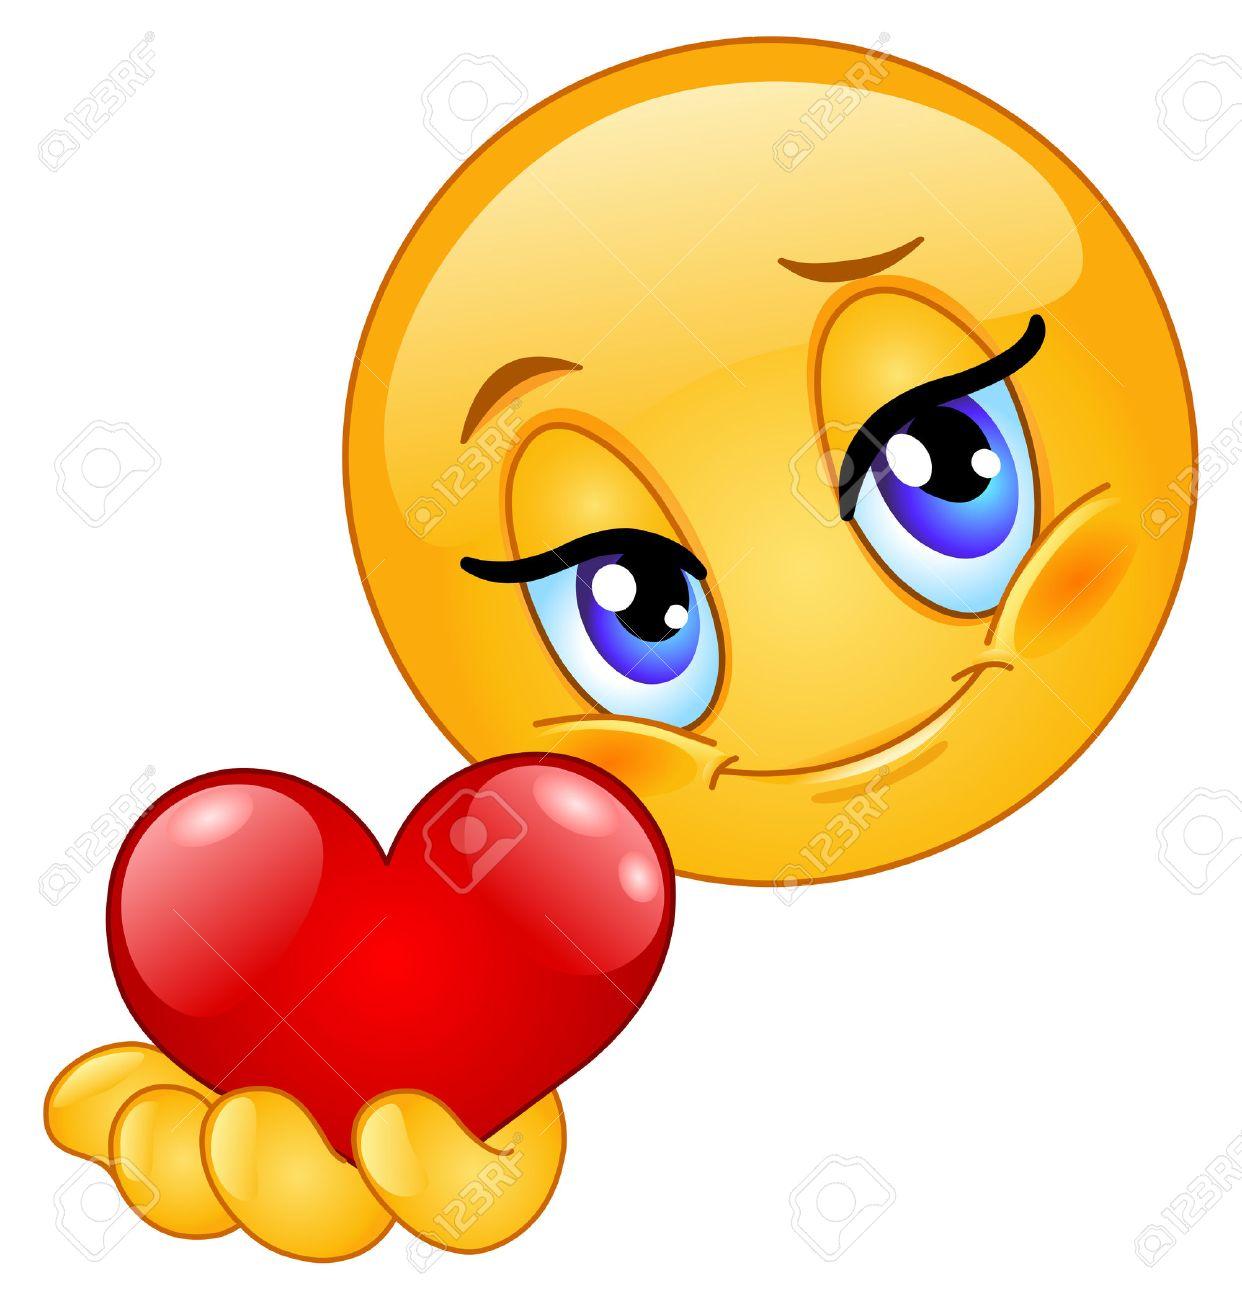 Emoticon giving heart Stock Vector - 8598201